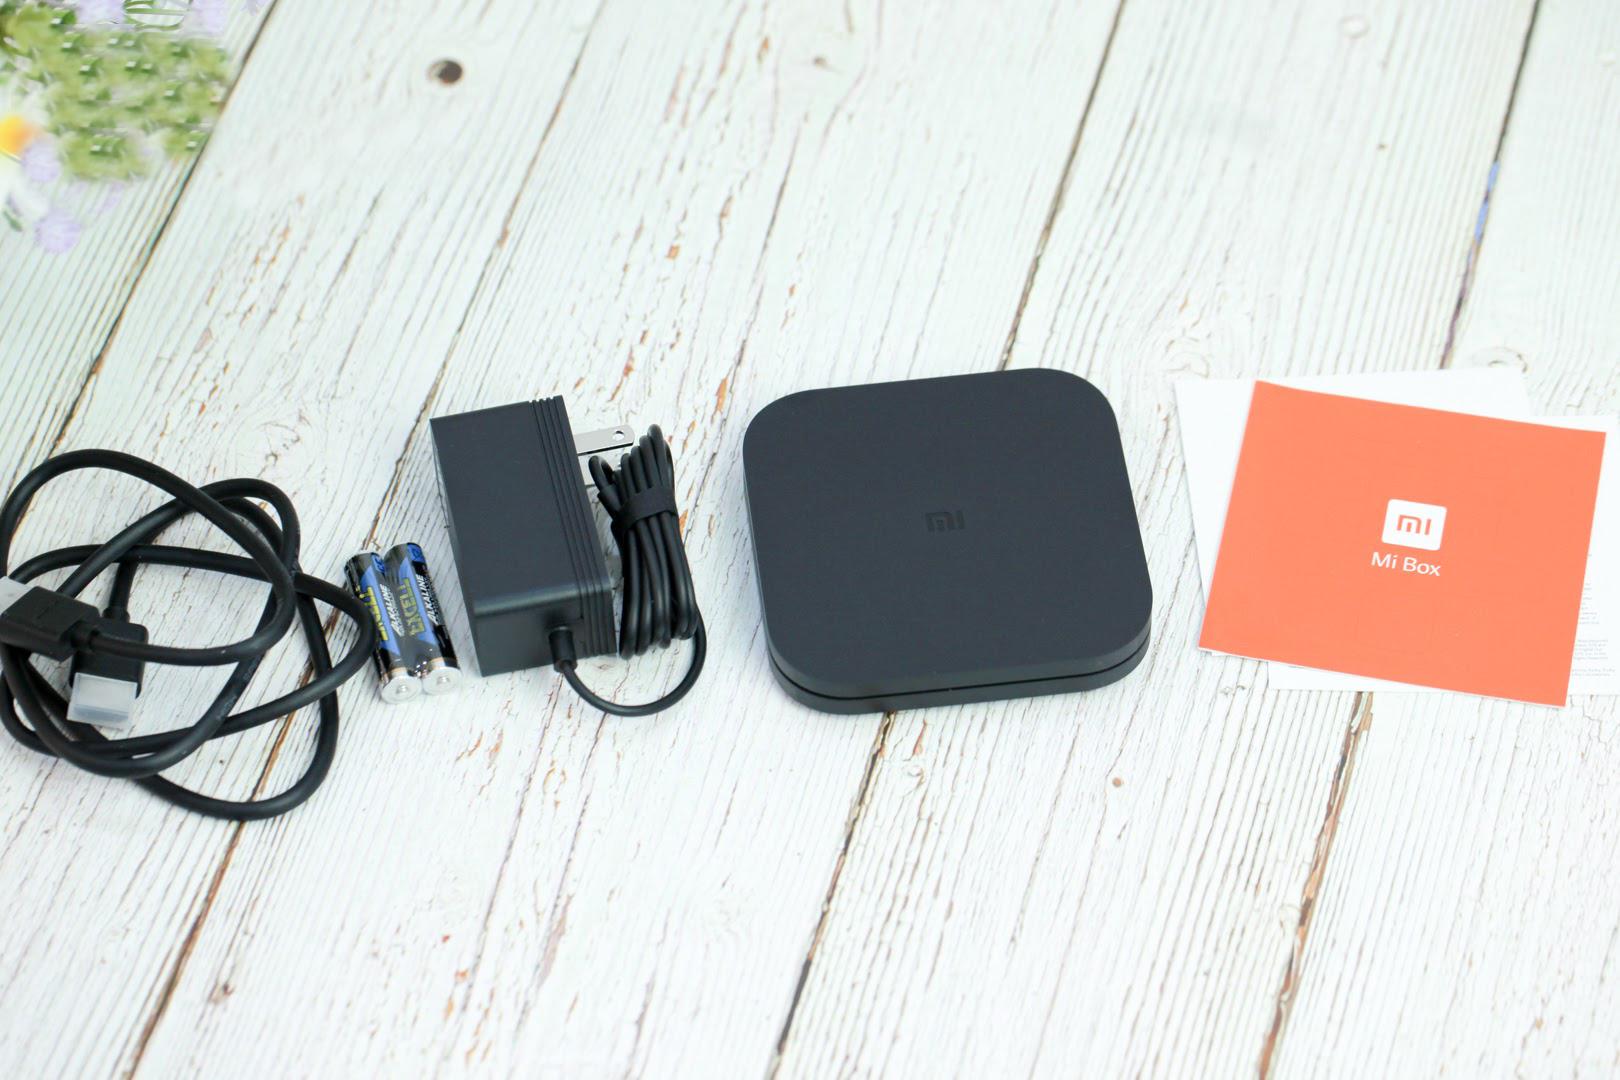 Vankyo Full HD Mibox S 4K - 5